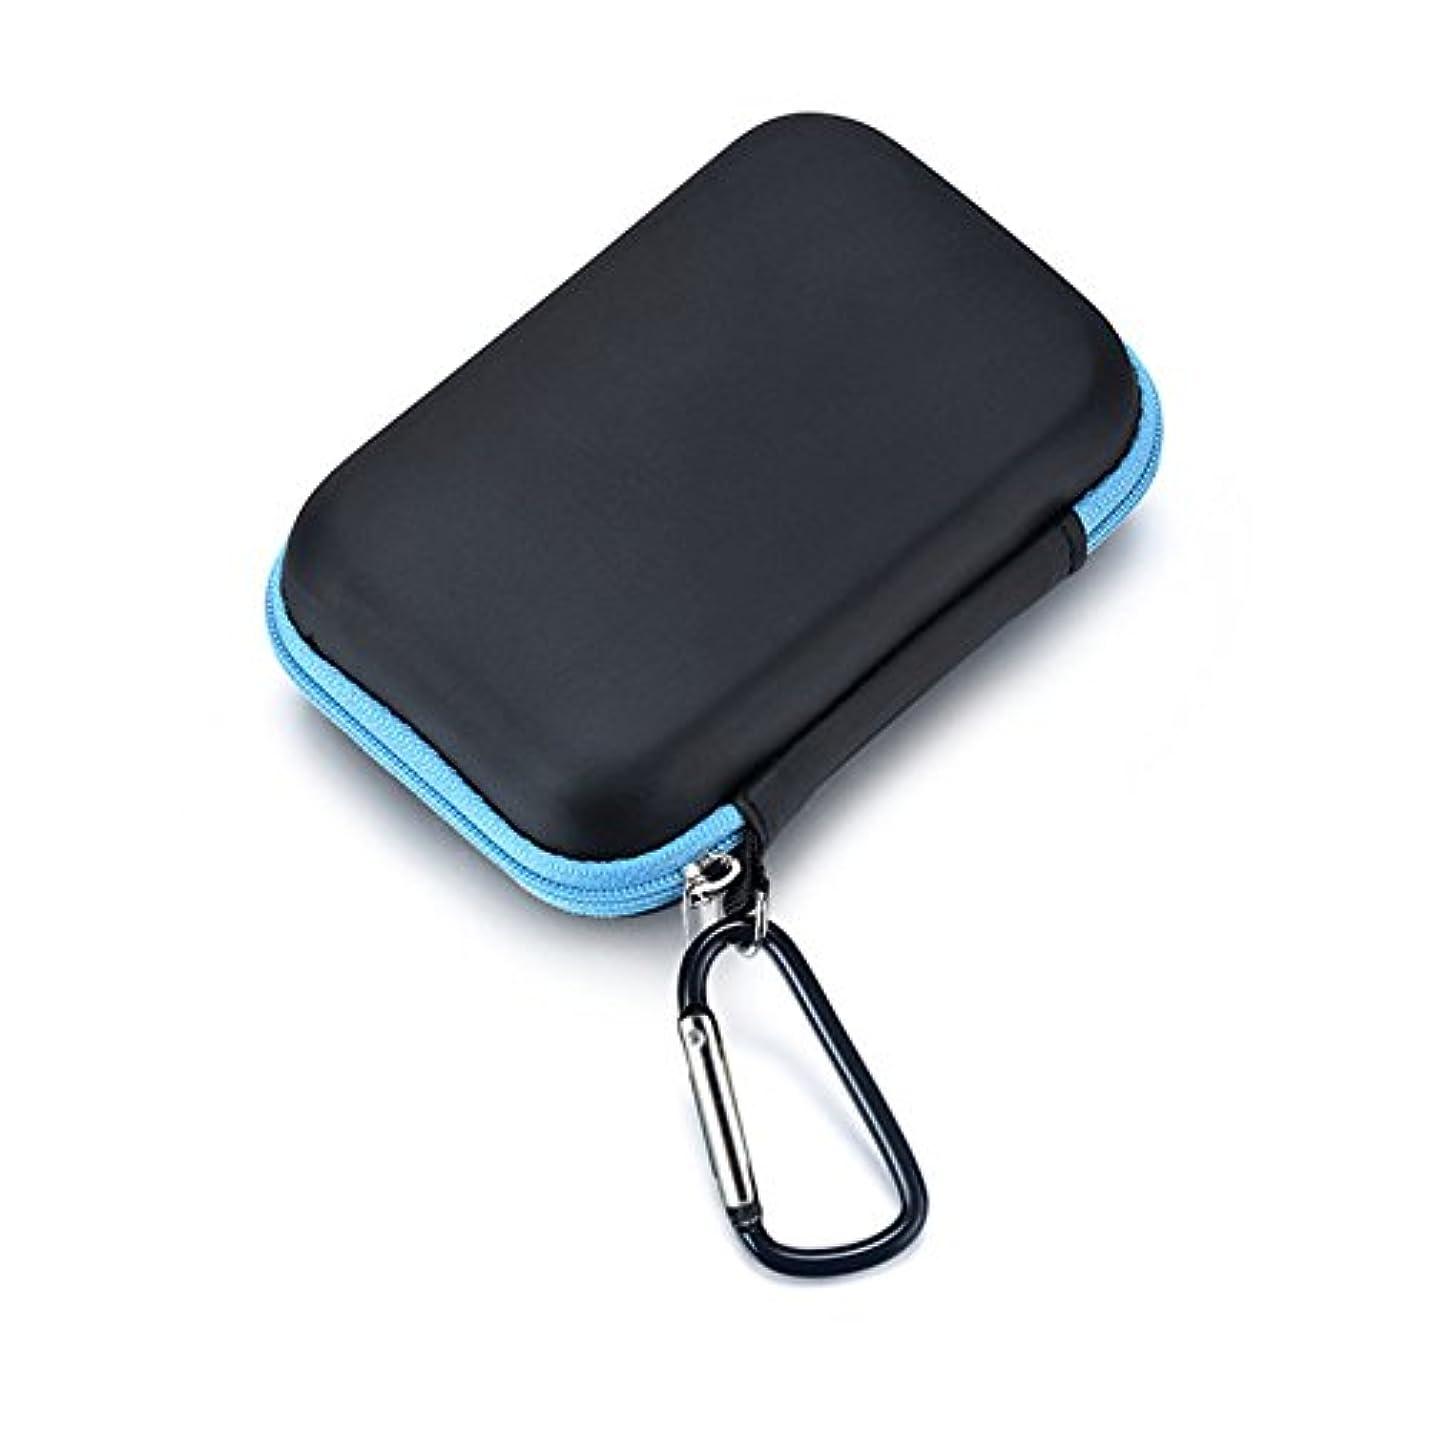 勉強する鉄道地域QIN 収納ケース ポーチ 携帯用バッグ ミニボトルケース 13.5 * 8.5 * 4.5cm 15本用